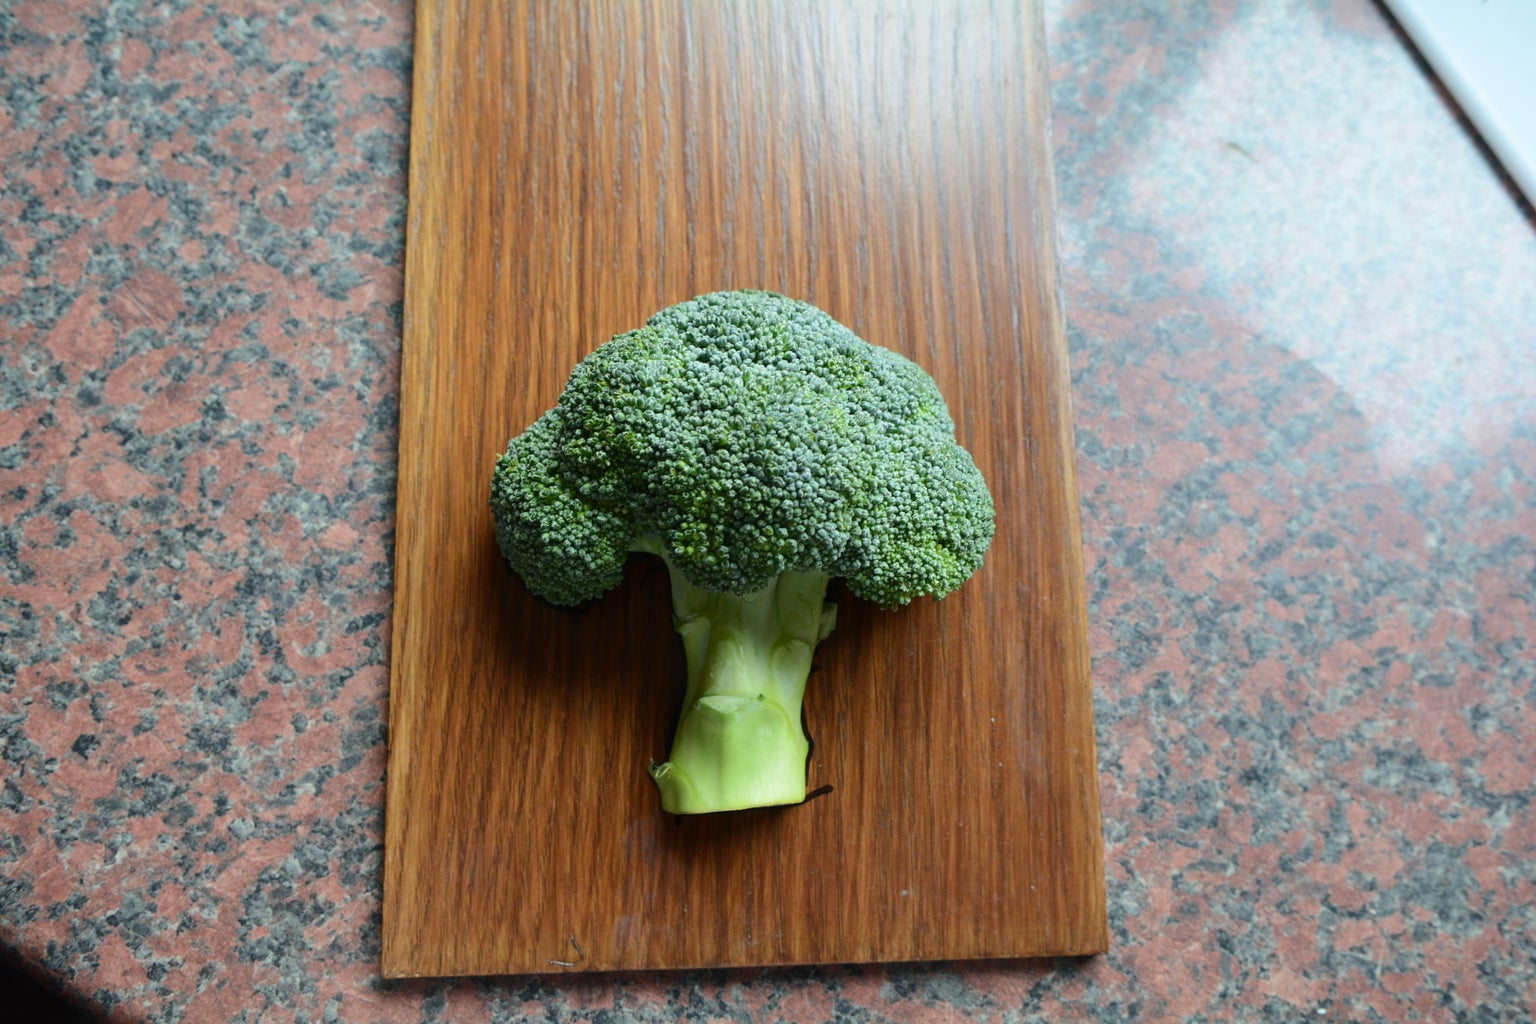 Preparing Broccoli